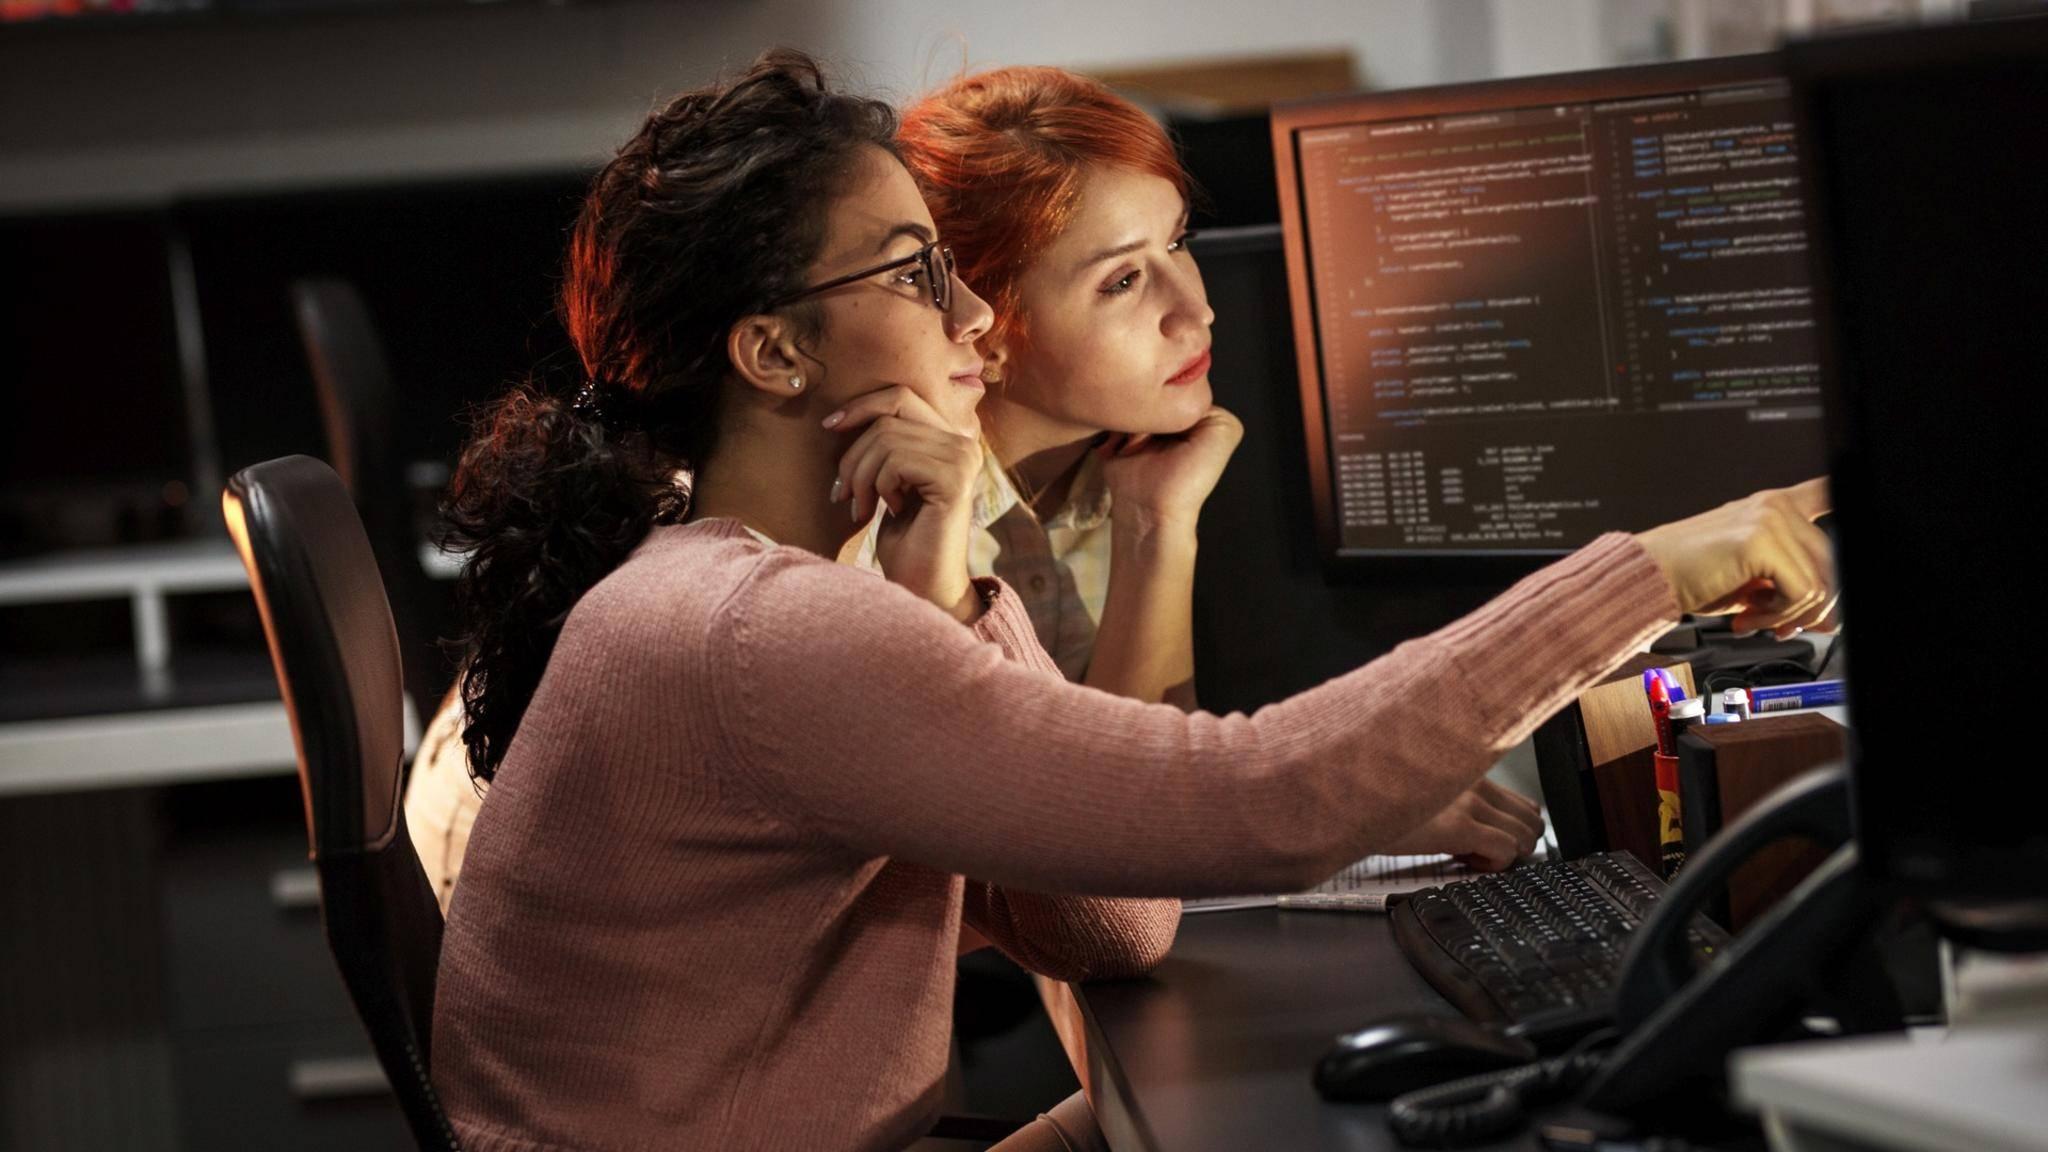 Zwei Frauen arbeiten am PC mit mehreren Monitoren